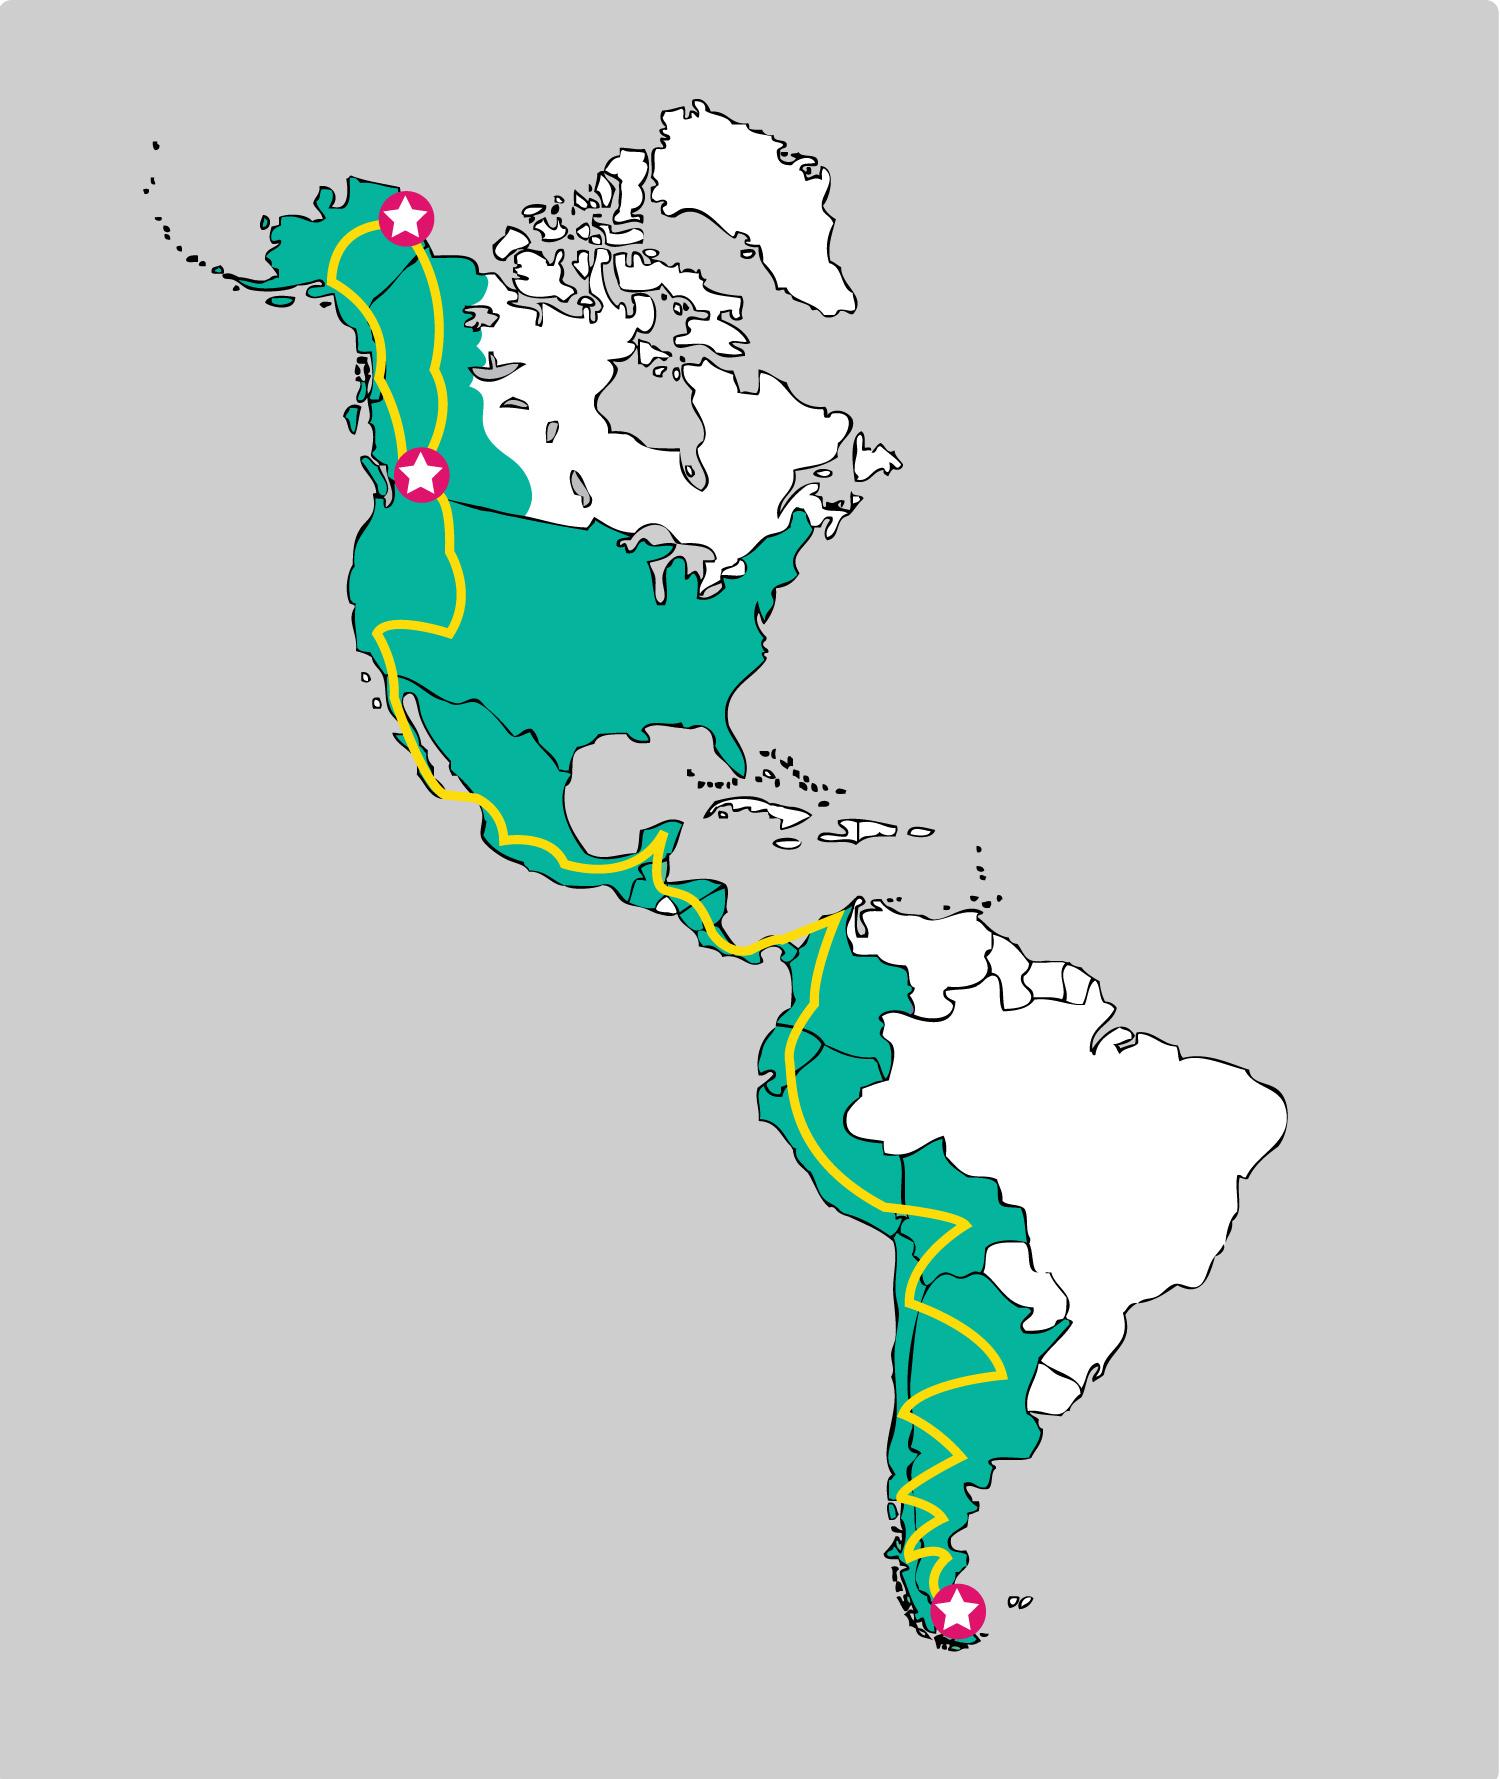 BeOldLater_pan_american_hwy_route_plan_map.jpg